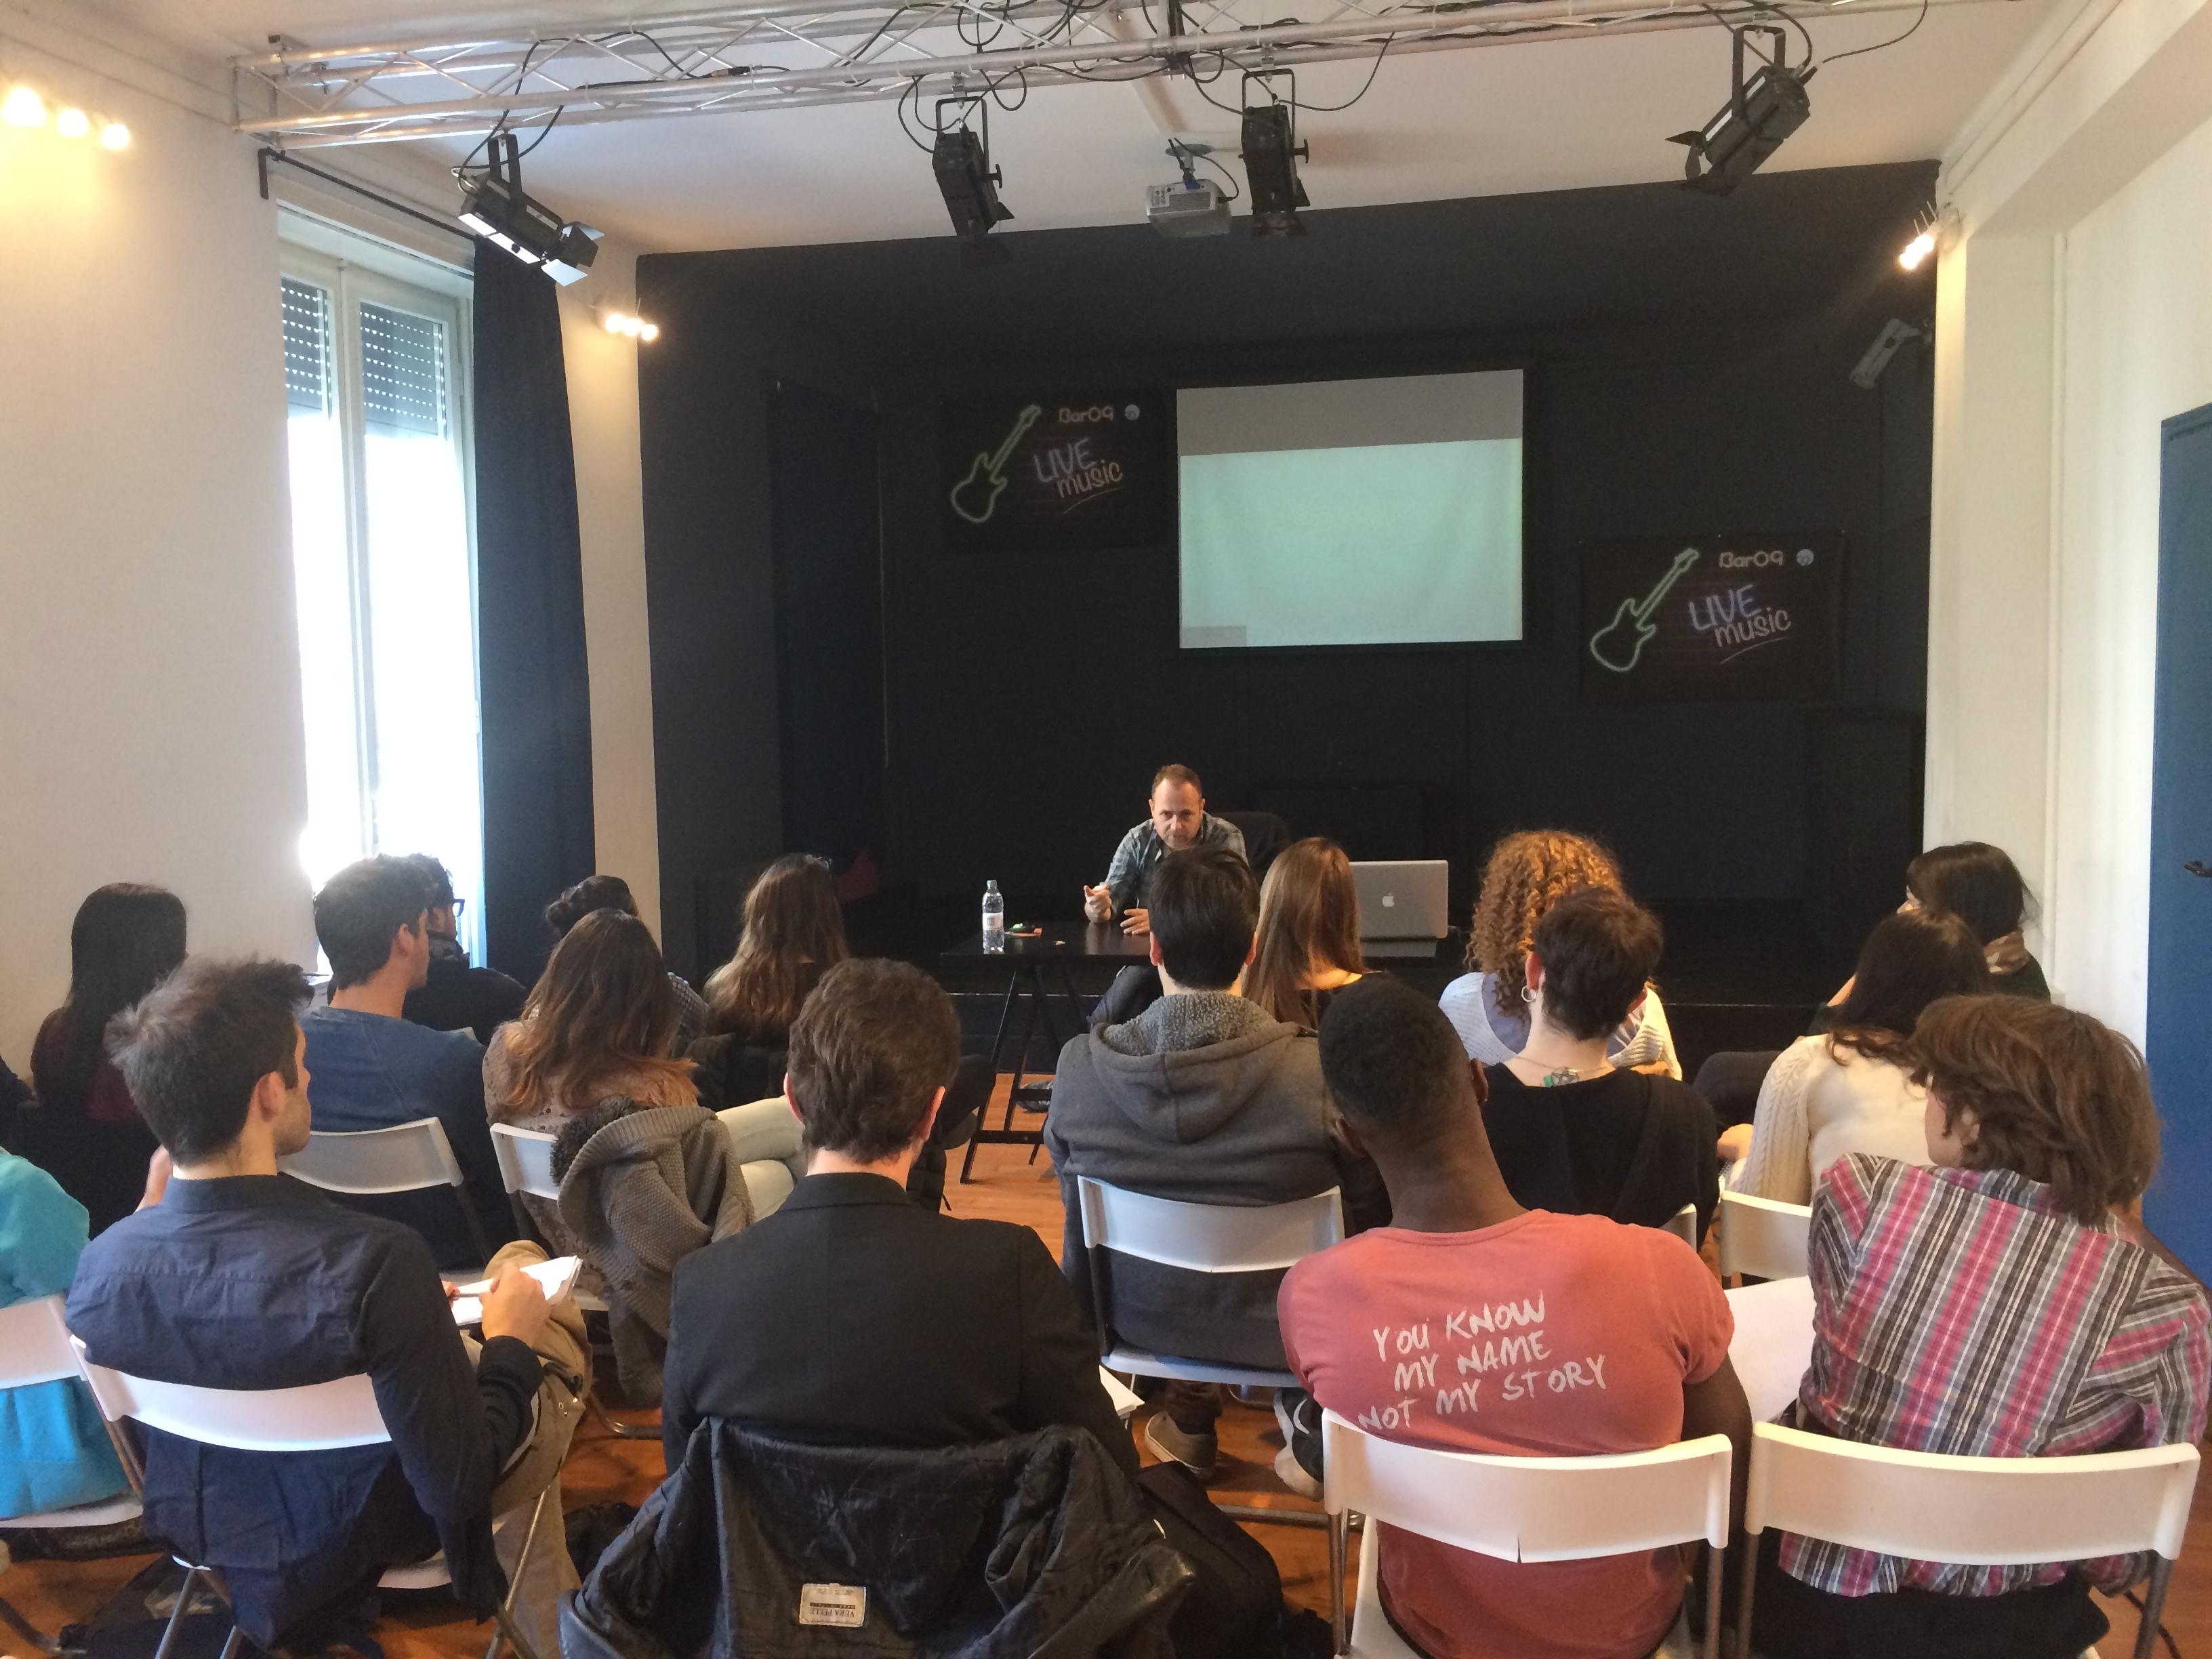 IMG 1319 - Terzo giorno di seminario con Dario Baldi per gli attori e i registi dell'Accademia, e non finisce qui... - Accadema di spettacolo, radio e tv Milano